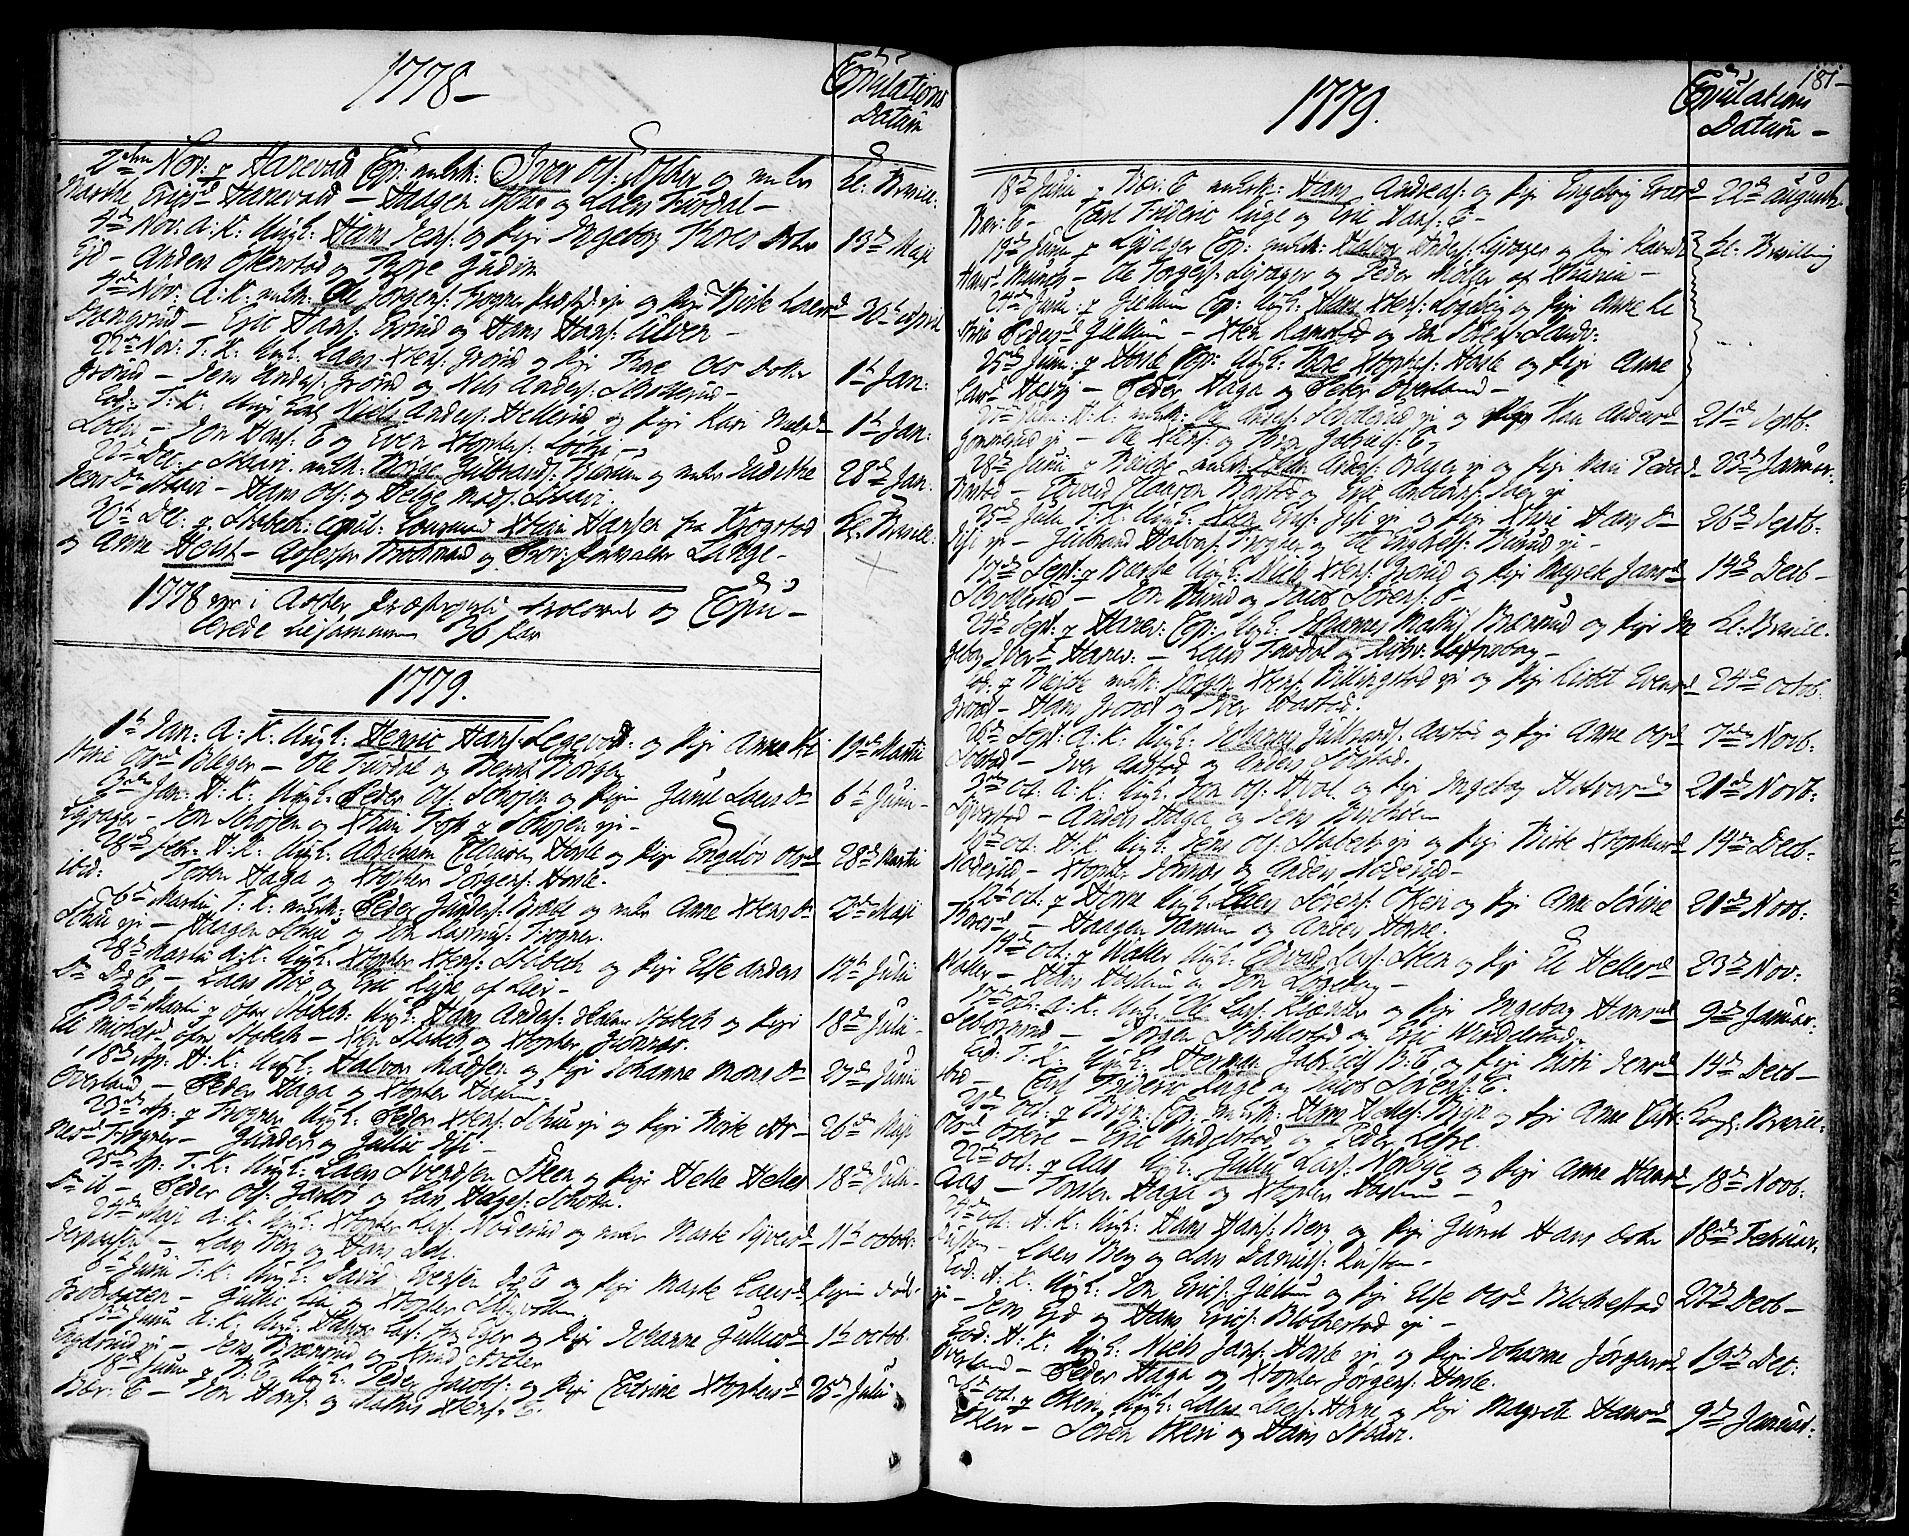 SAO, Asker prestekontor Kirkebøker, F/Fa/L0003: Ministerialbok nr. I 3, 1767-1807, s. 181